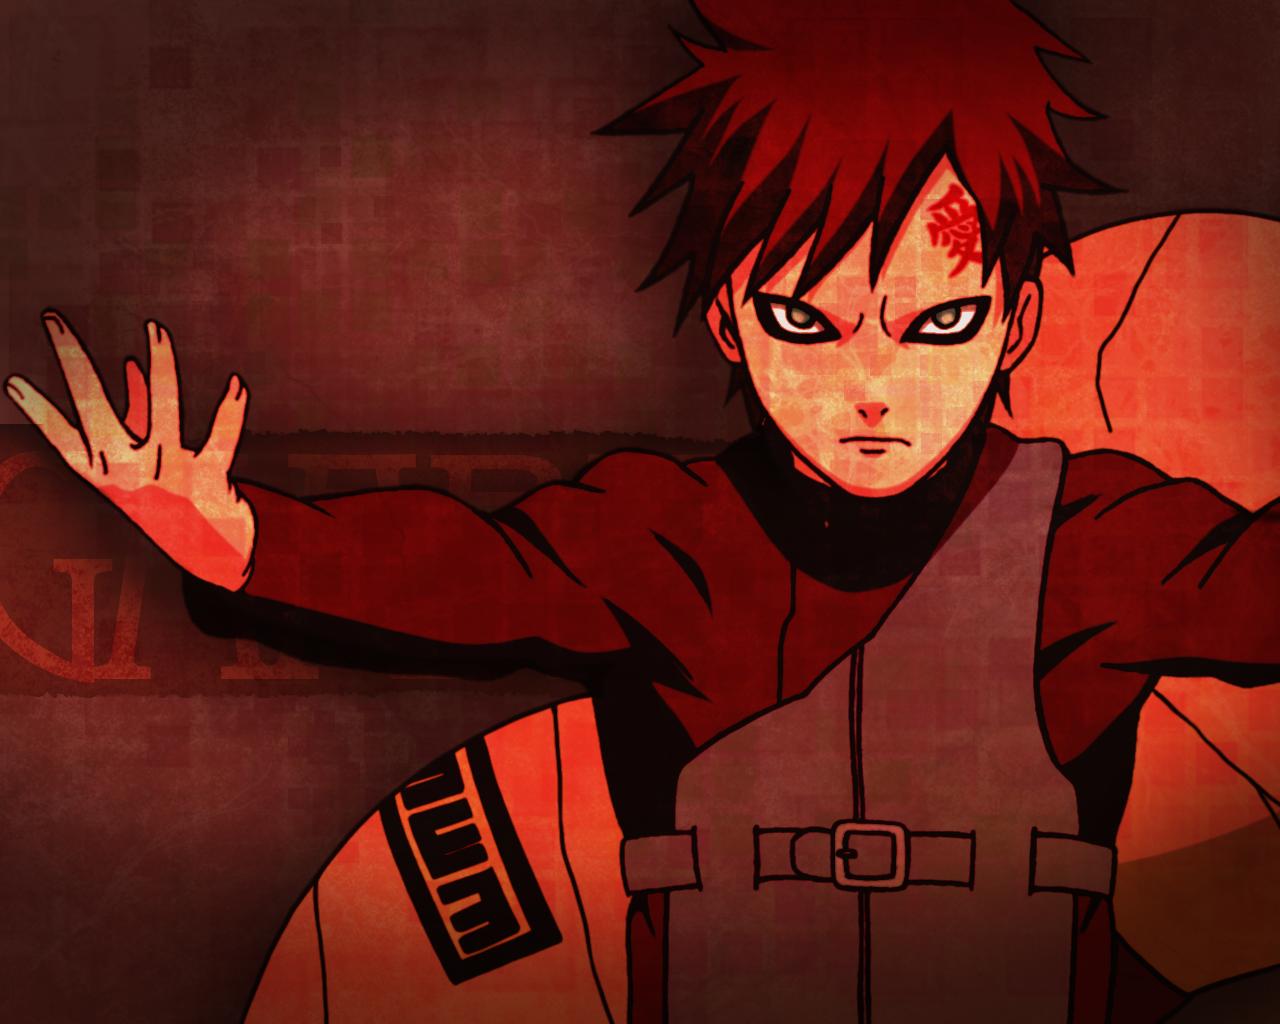 Naruto] Historia de Gaara   Taringa 1280x1024